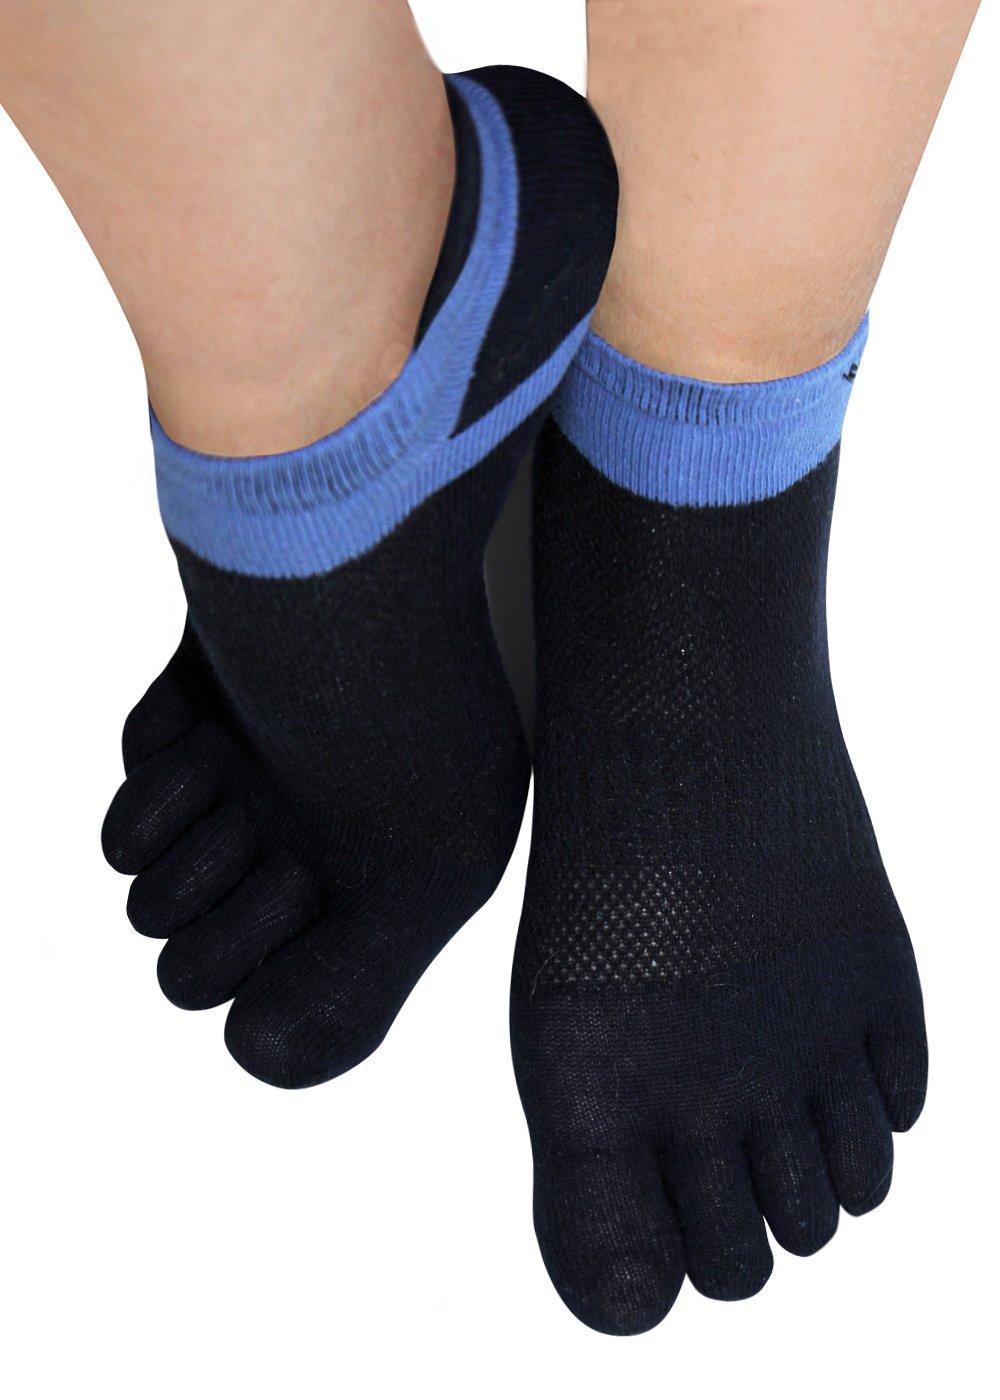 1 Paar Zehensocken Sneakersocken Zehen Fingersocken Toe Socks Sport Yoga Pilates Socken Damen Herren ZEHENS-1401